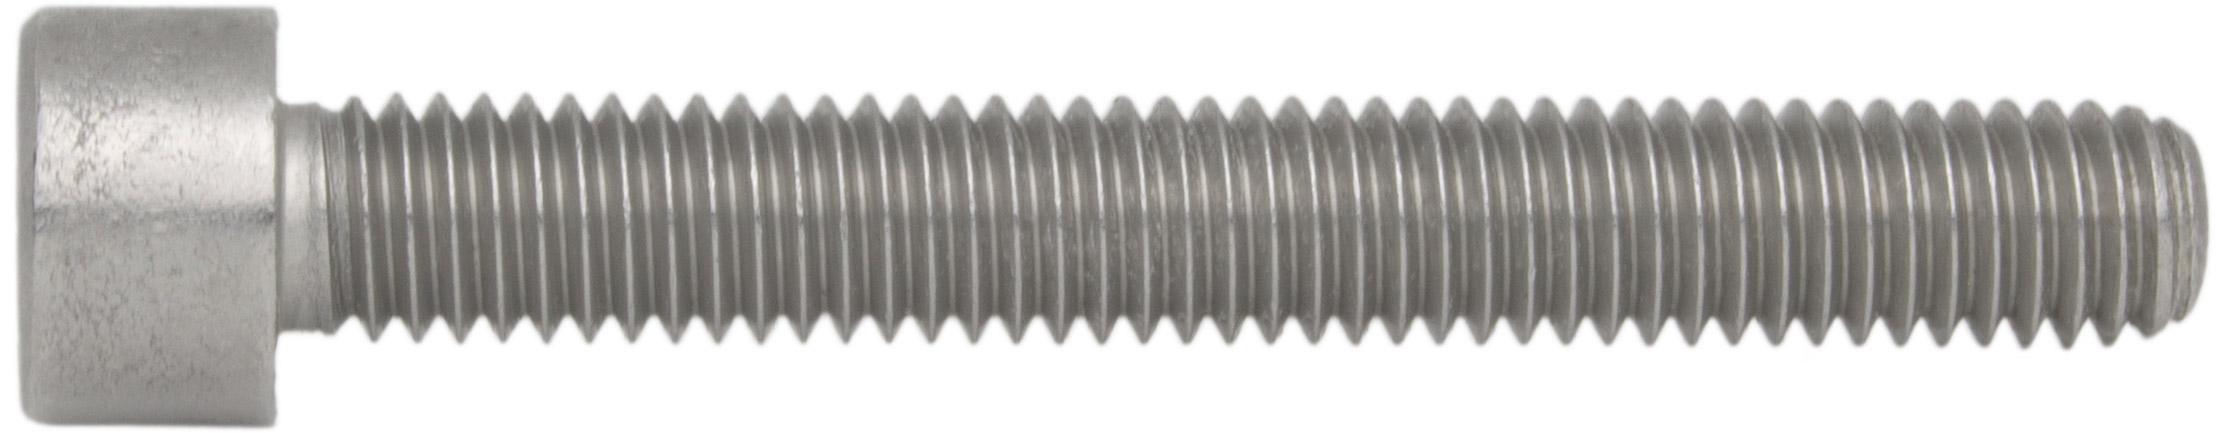 5 St/ück DIN 912 // ISO 4762 PROFI Zylinder Innensechskant Schraube Vollgewinde G/üte 8.8 verzinkt Stahl geh/ärtet DIN912 PROFI ZYL INB6kt VGW G8.8 VZ SGH M20 x 40